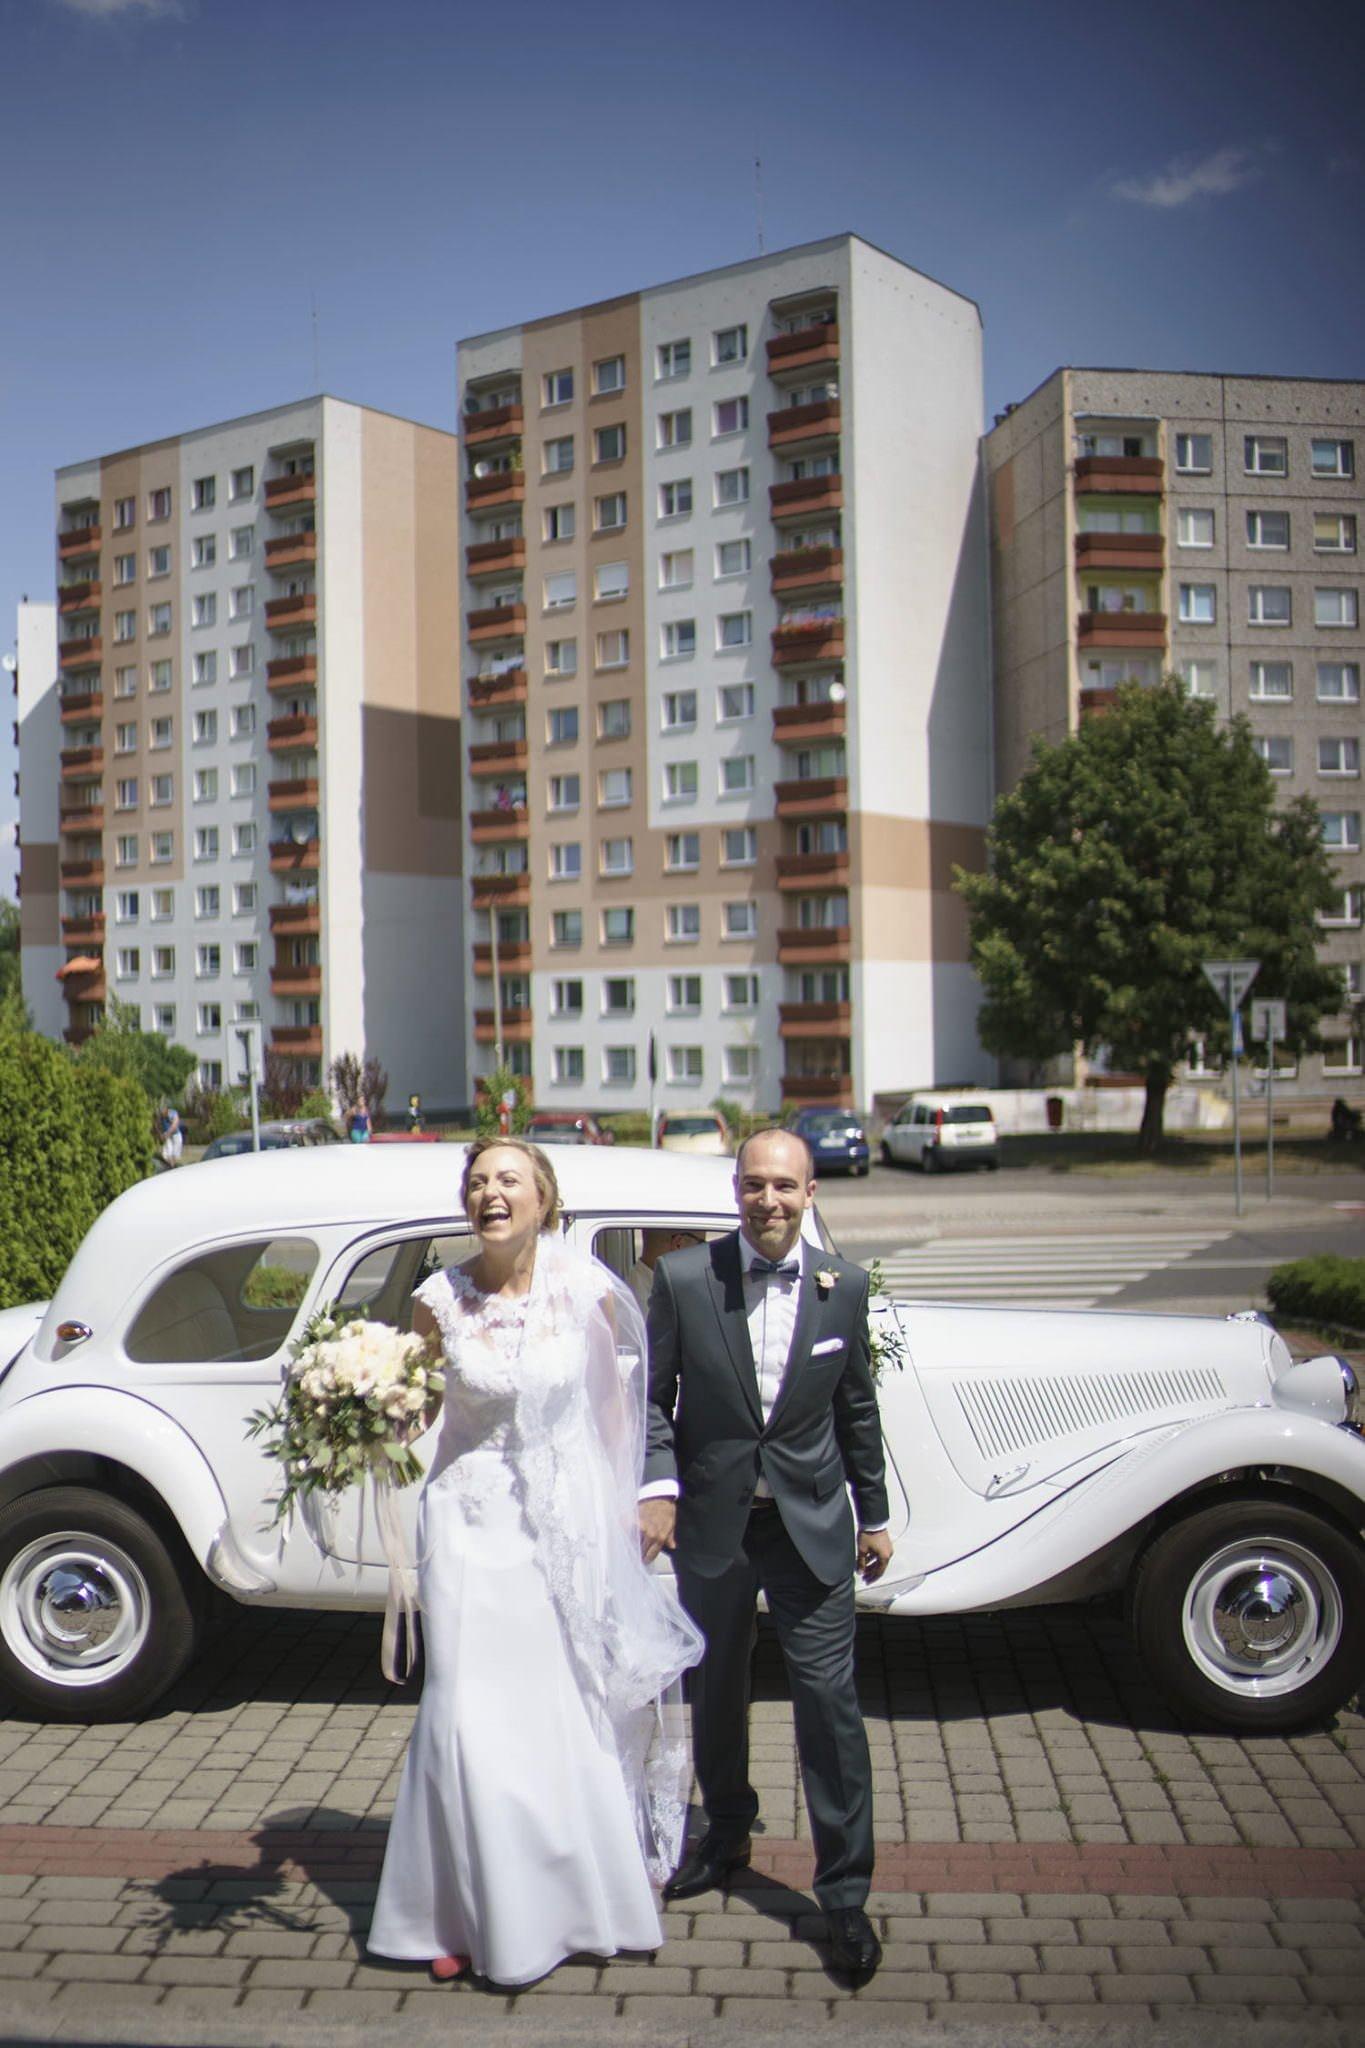 fotografie wesele browar obywatelski tychy 14 - Wesele w Browarze obywatelskim - OLA & IVO